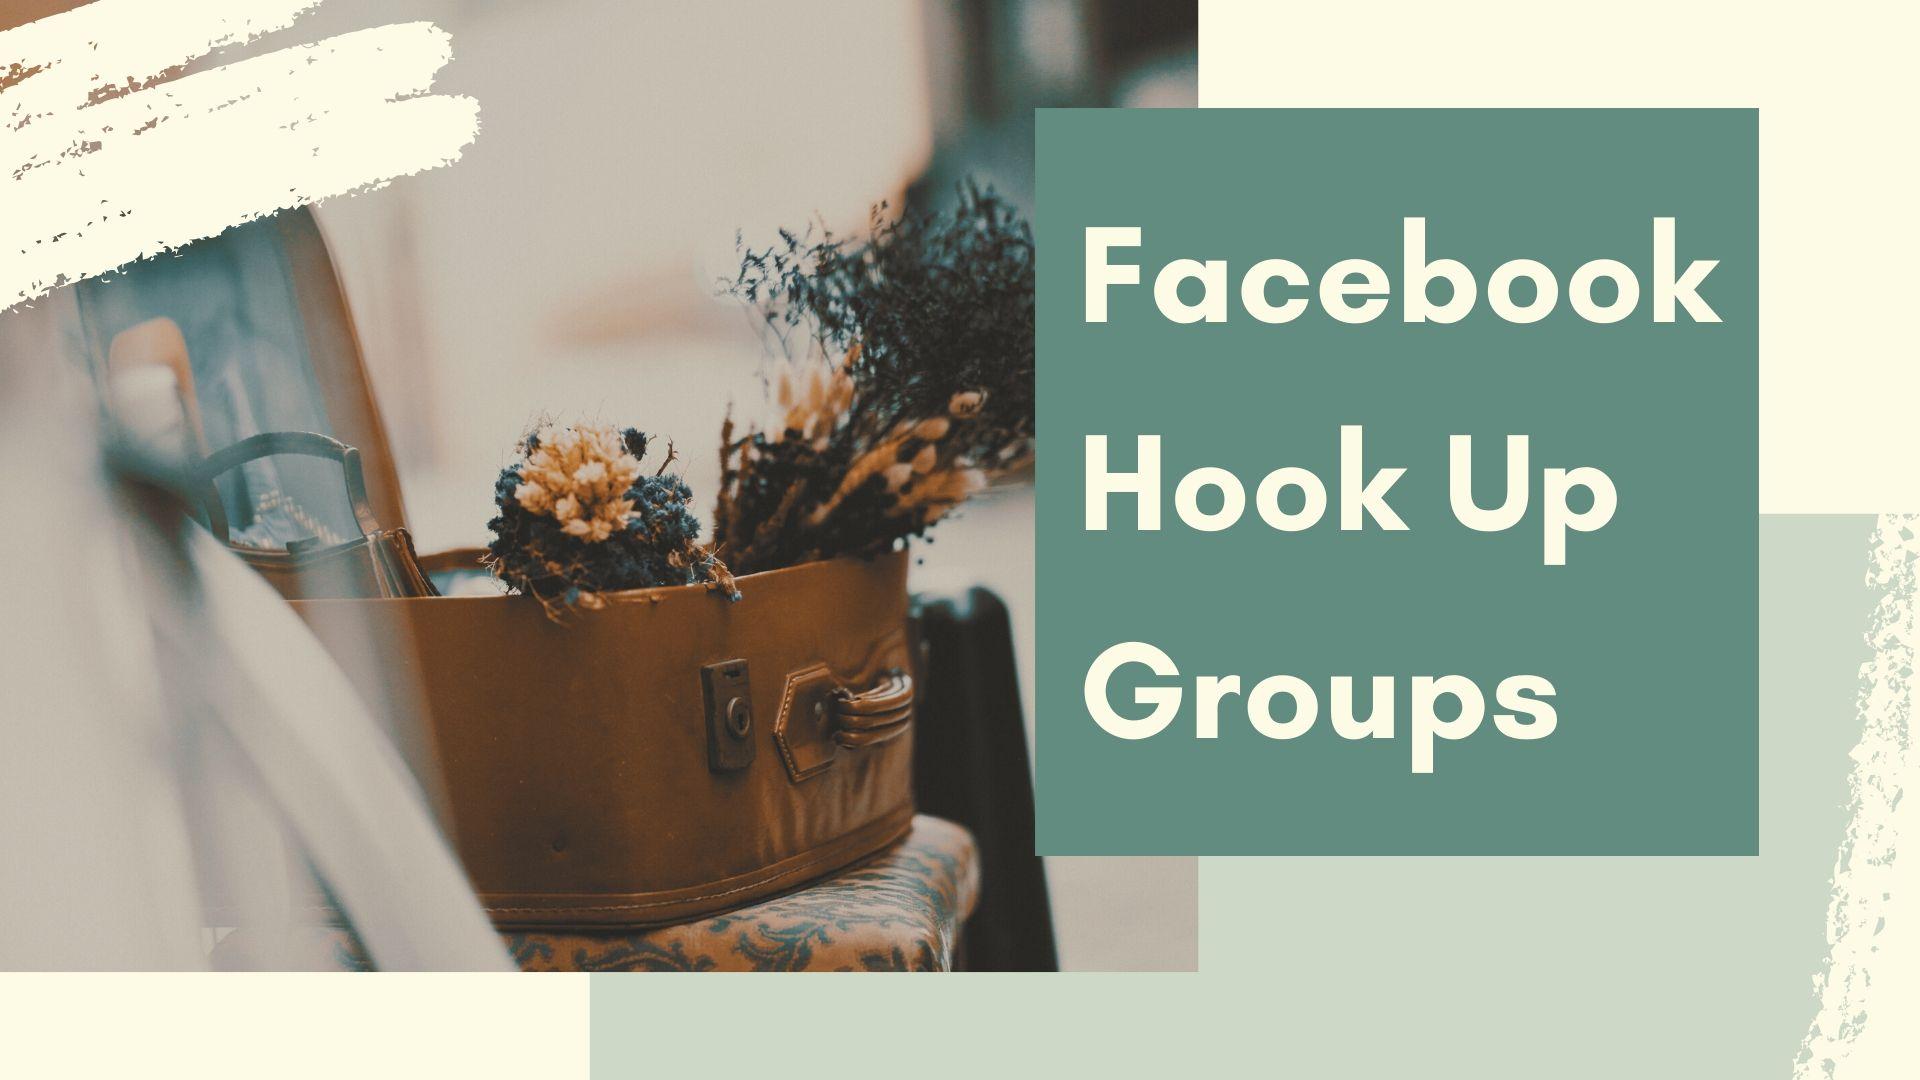 Facebook Hook Up Groups